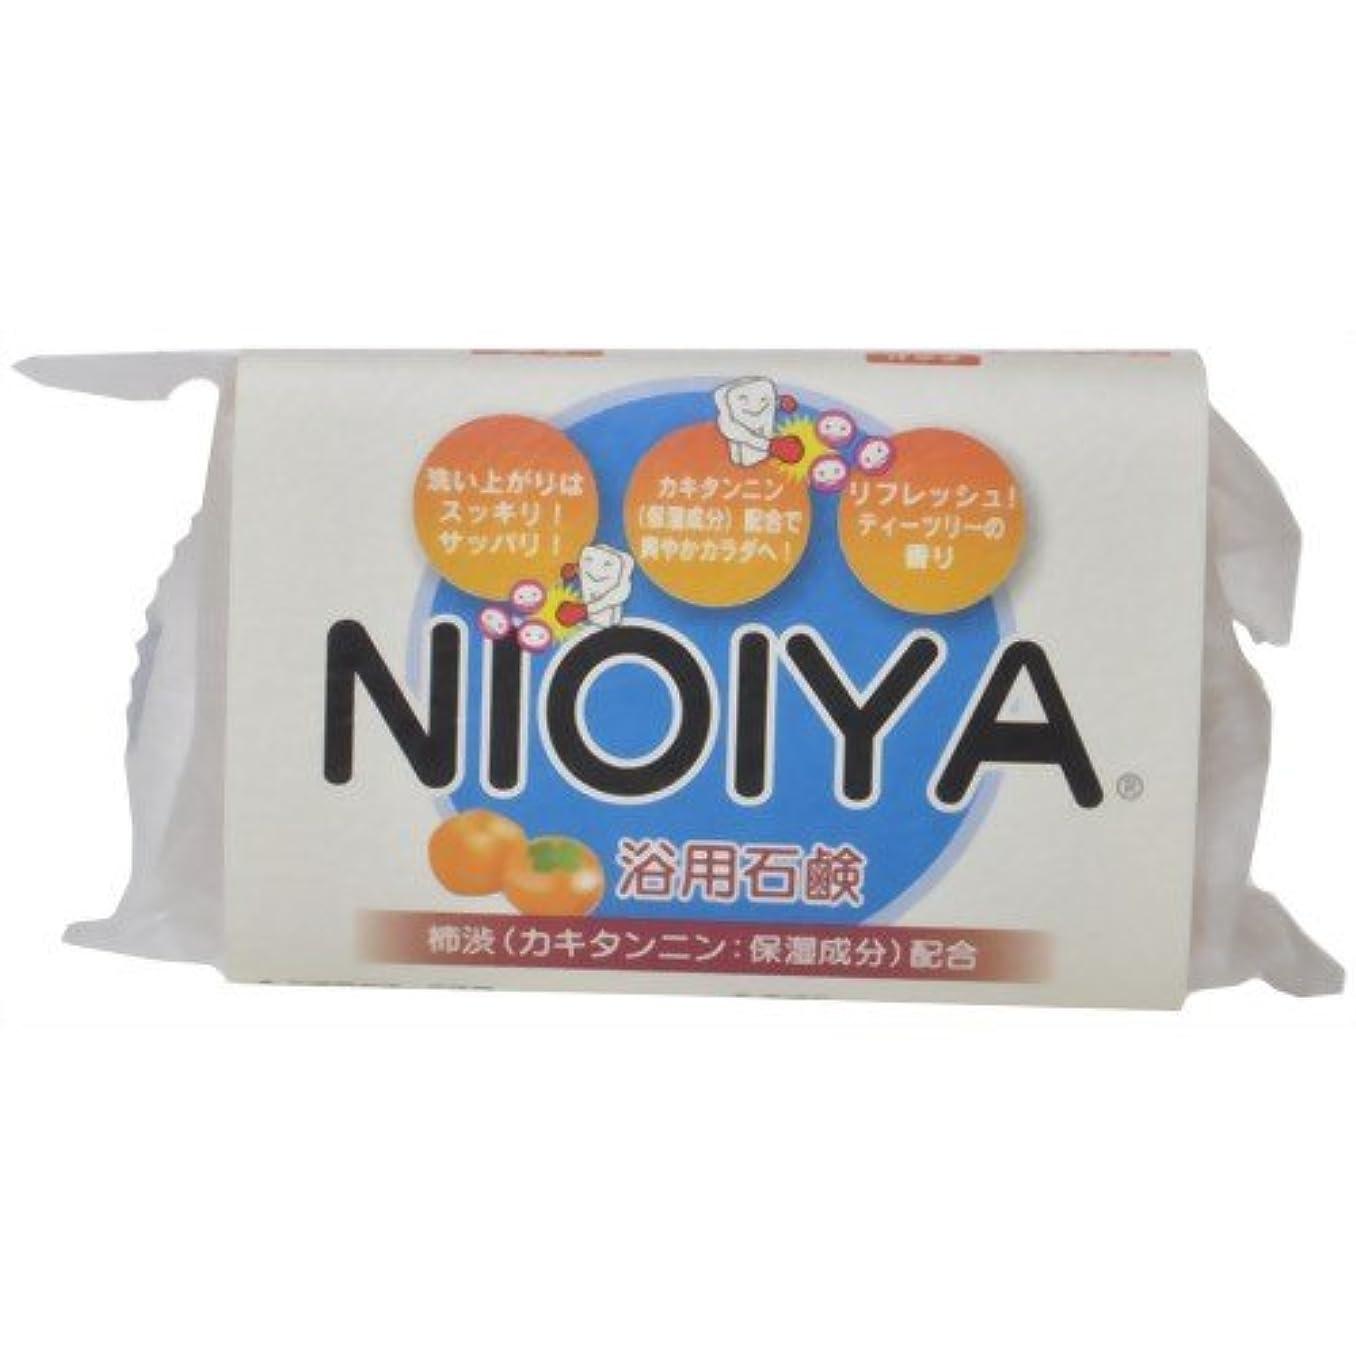 外交不良洗剤NIOIYA 浴用石鹸 120g